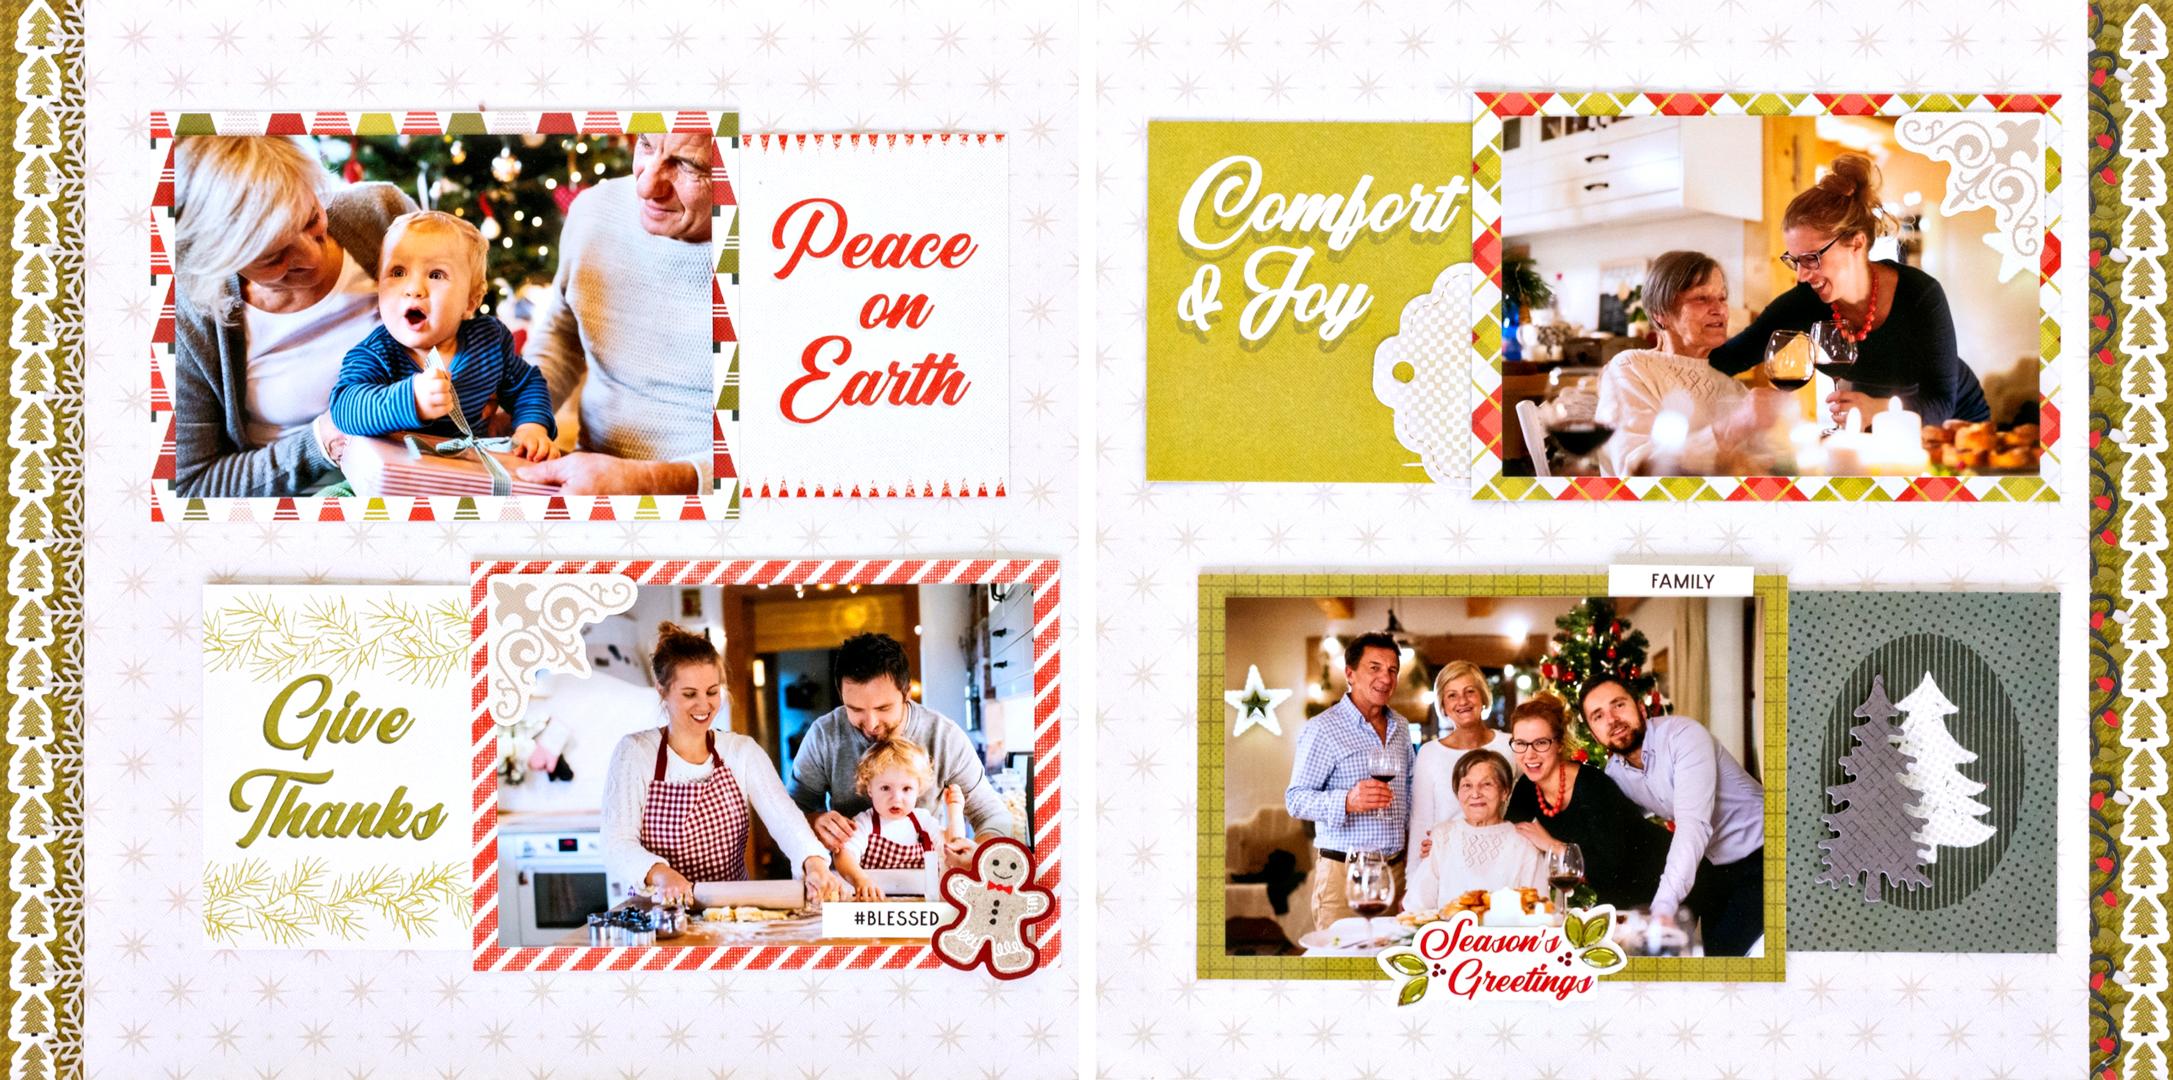 Seasons-Greetings-Scrapbooking-Christmas-Spread-Creative-Memories